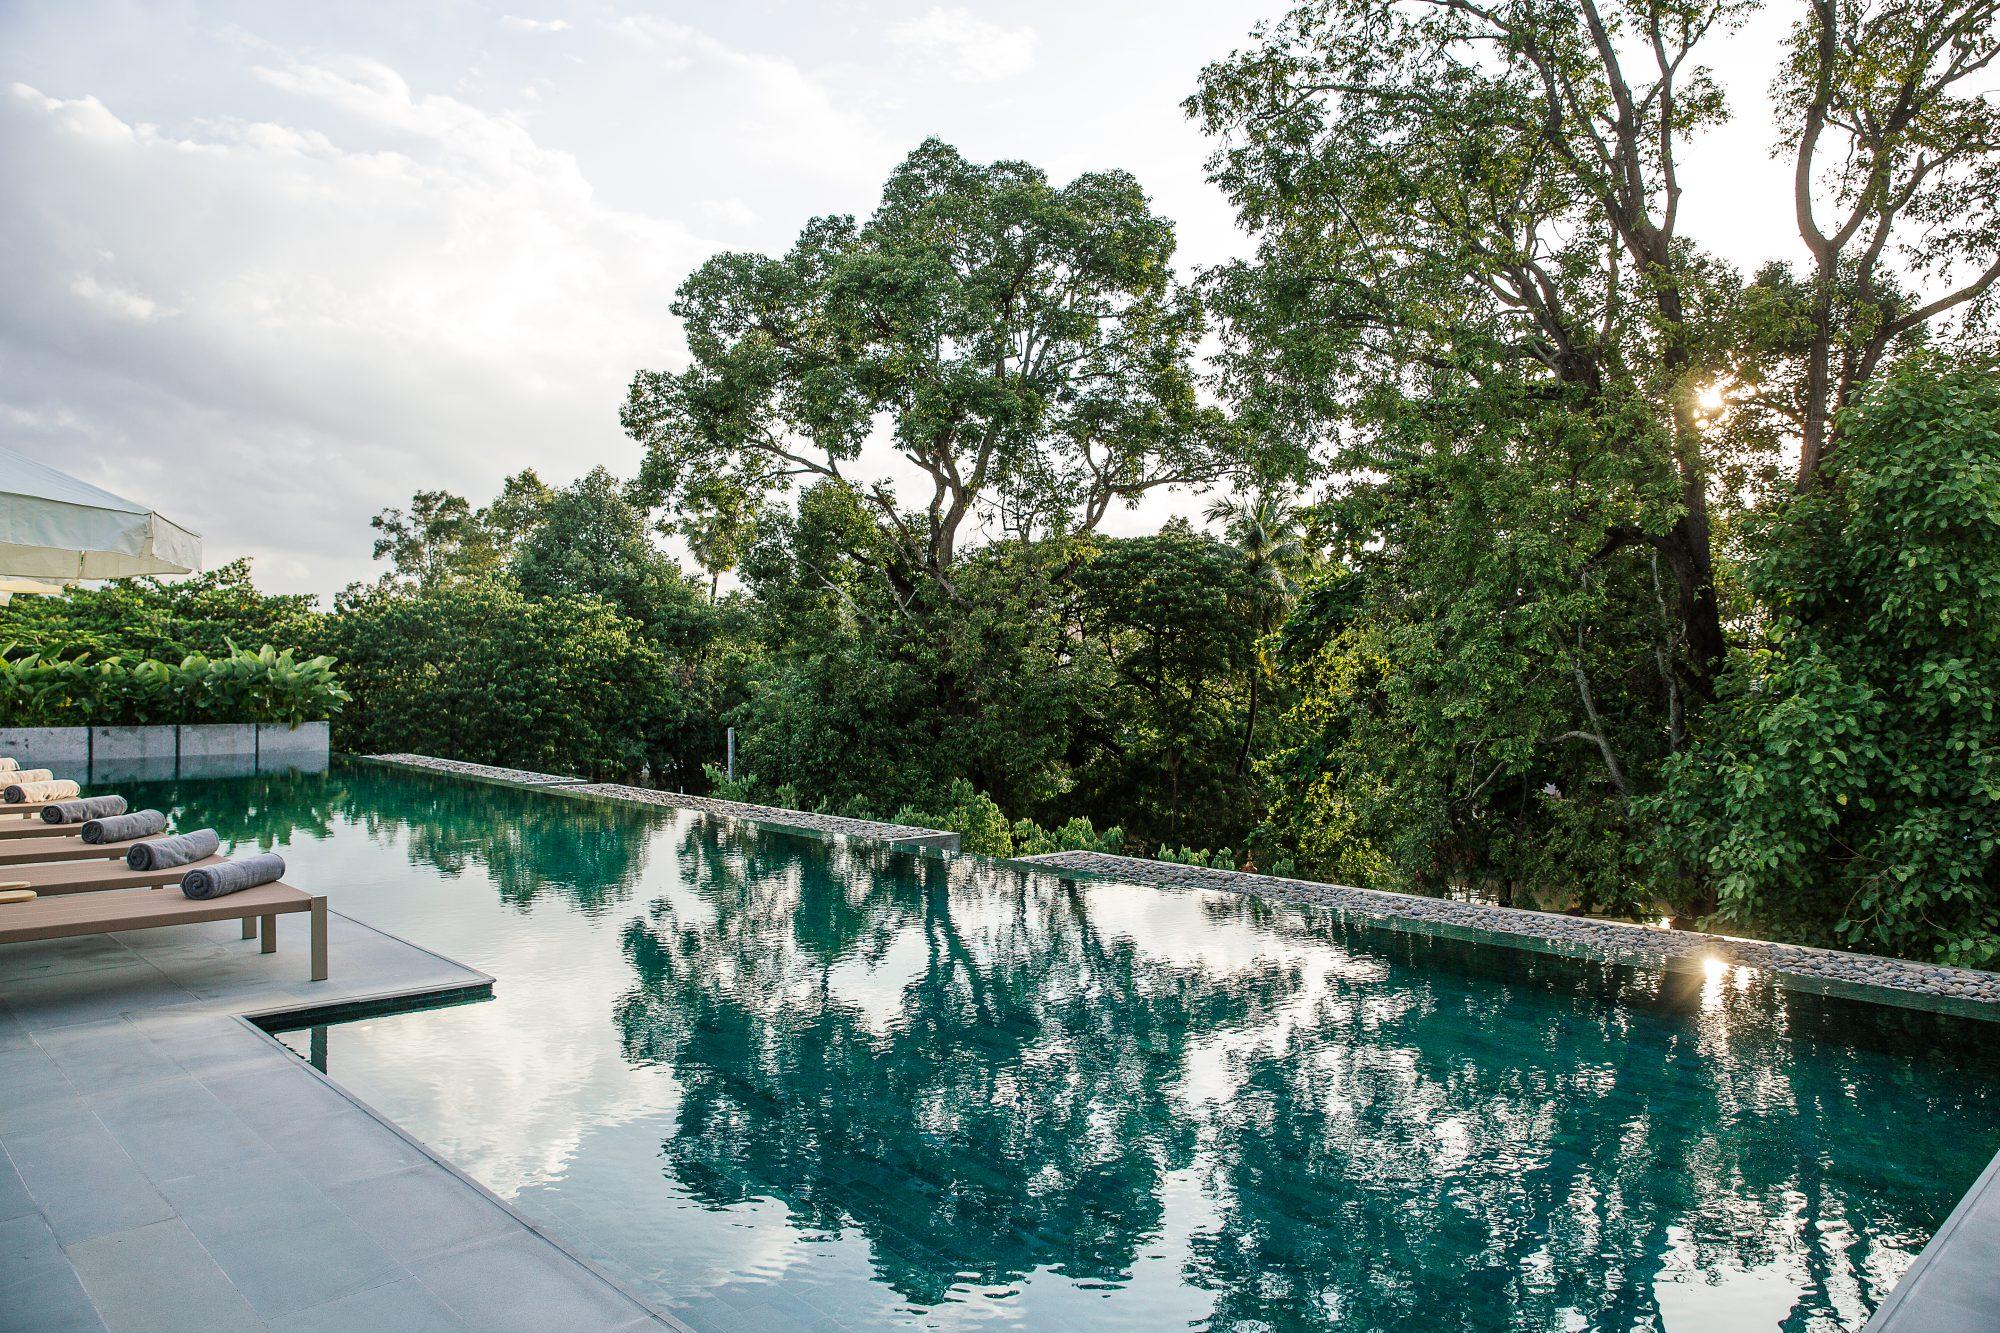 Rooftop pool at Treeline Urban Resort overlooking the Siem Reap River